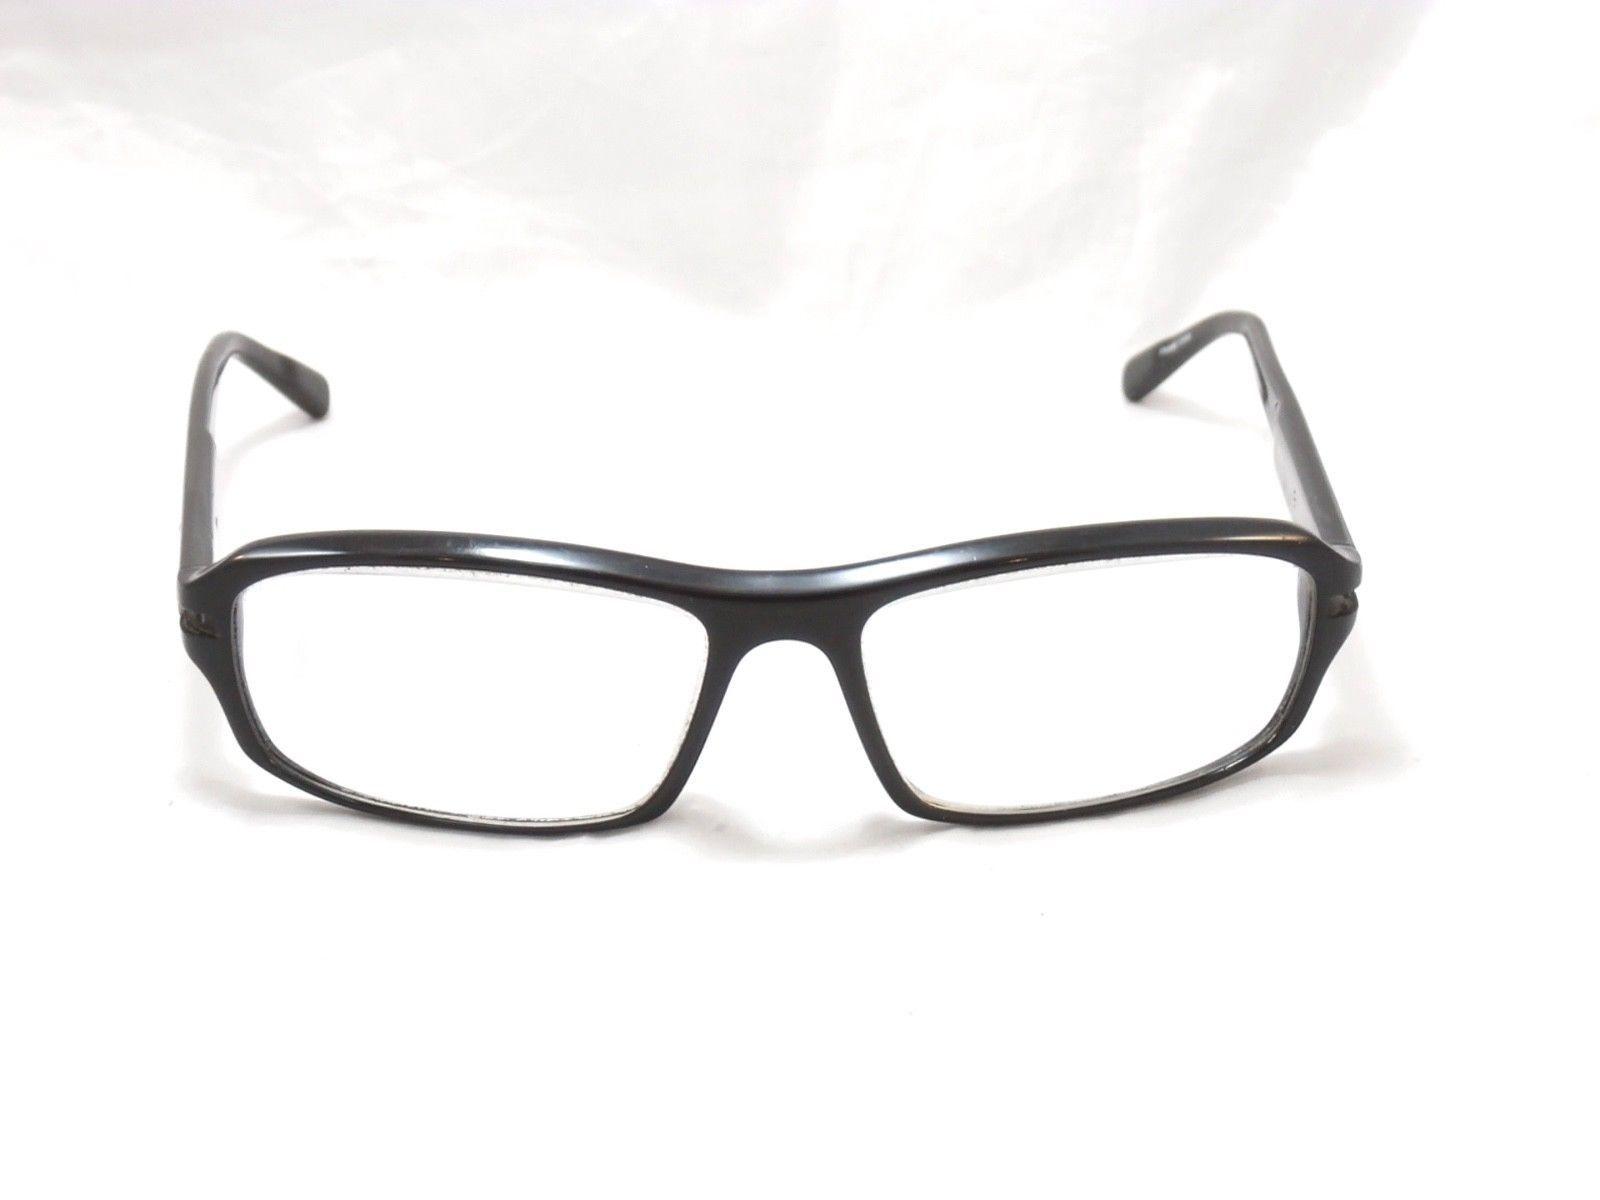 Michael Kors MK 274M Unisex Eyeglasses Frame. Rectangular, 001 Black 55mm #E65